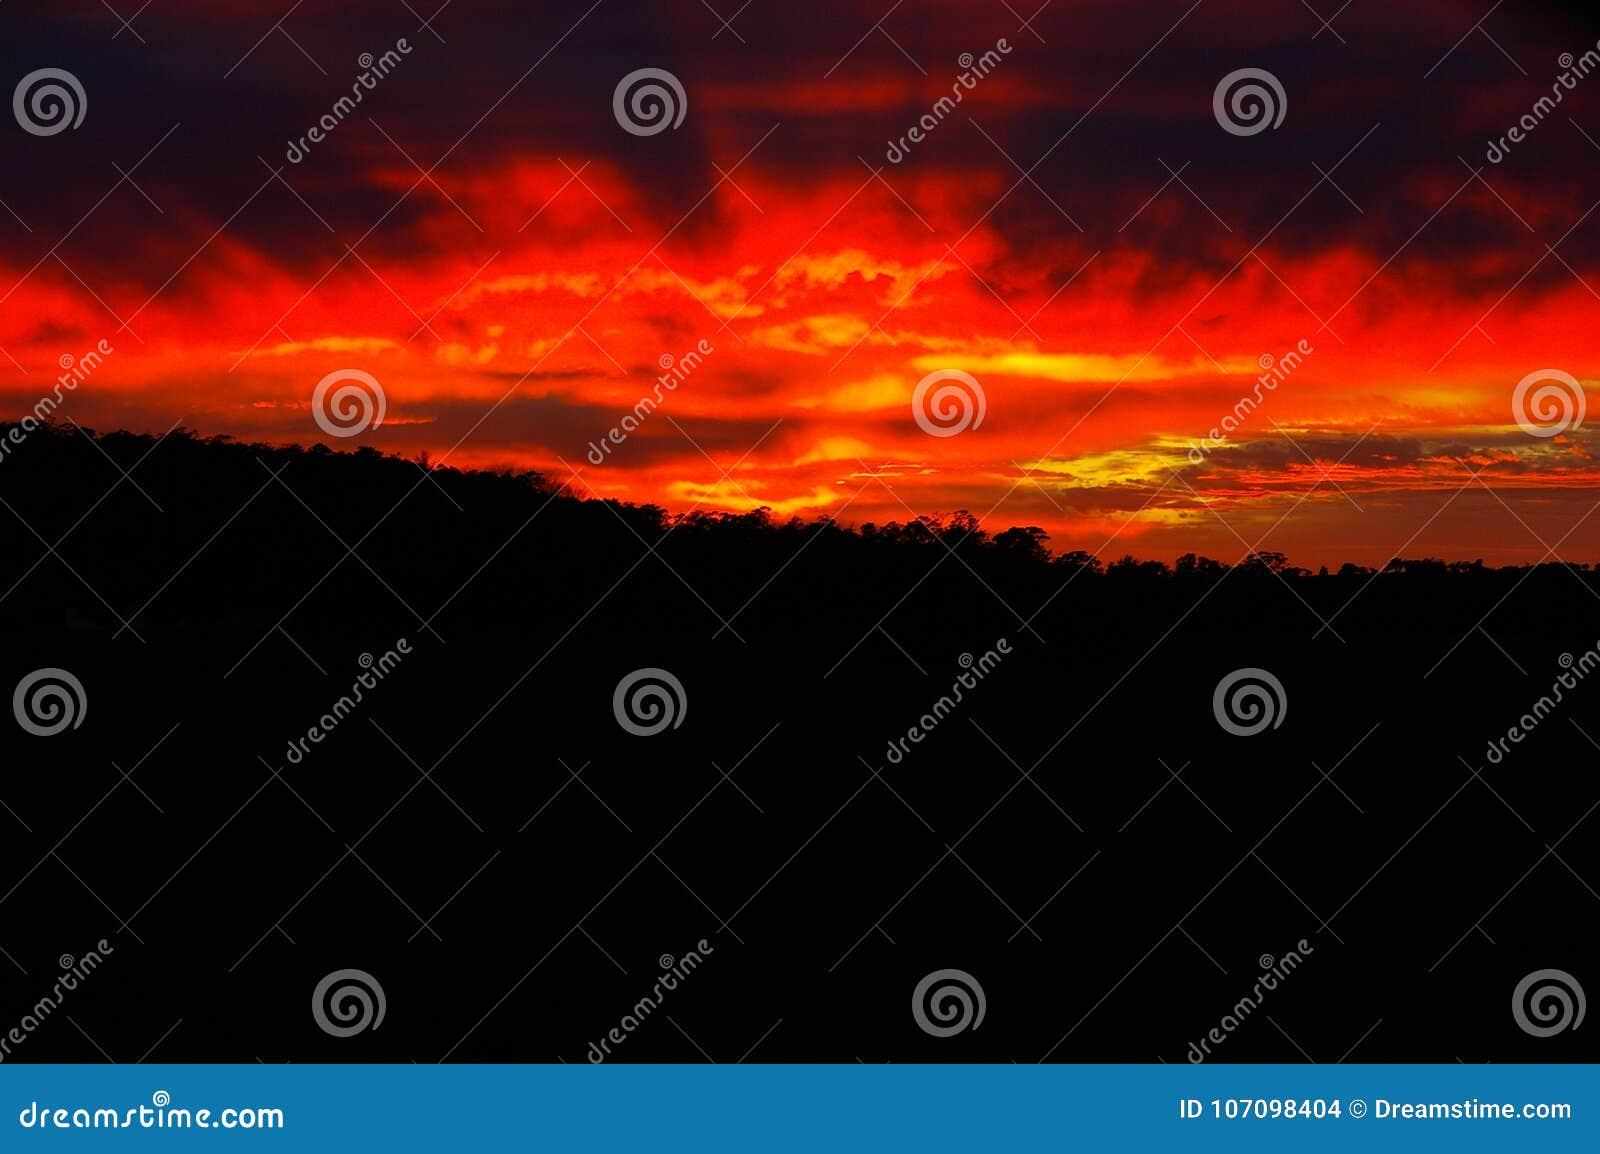 Rode Donkere Hemel, Zonreeks, Rode Hemel in de Winter